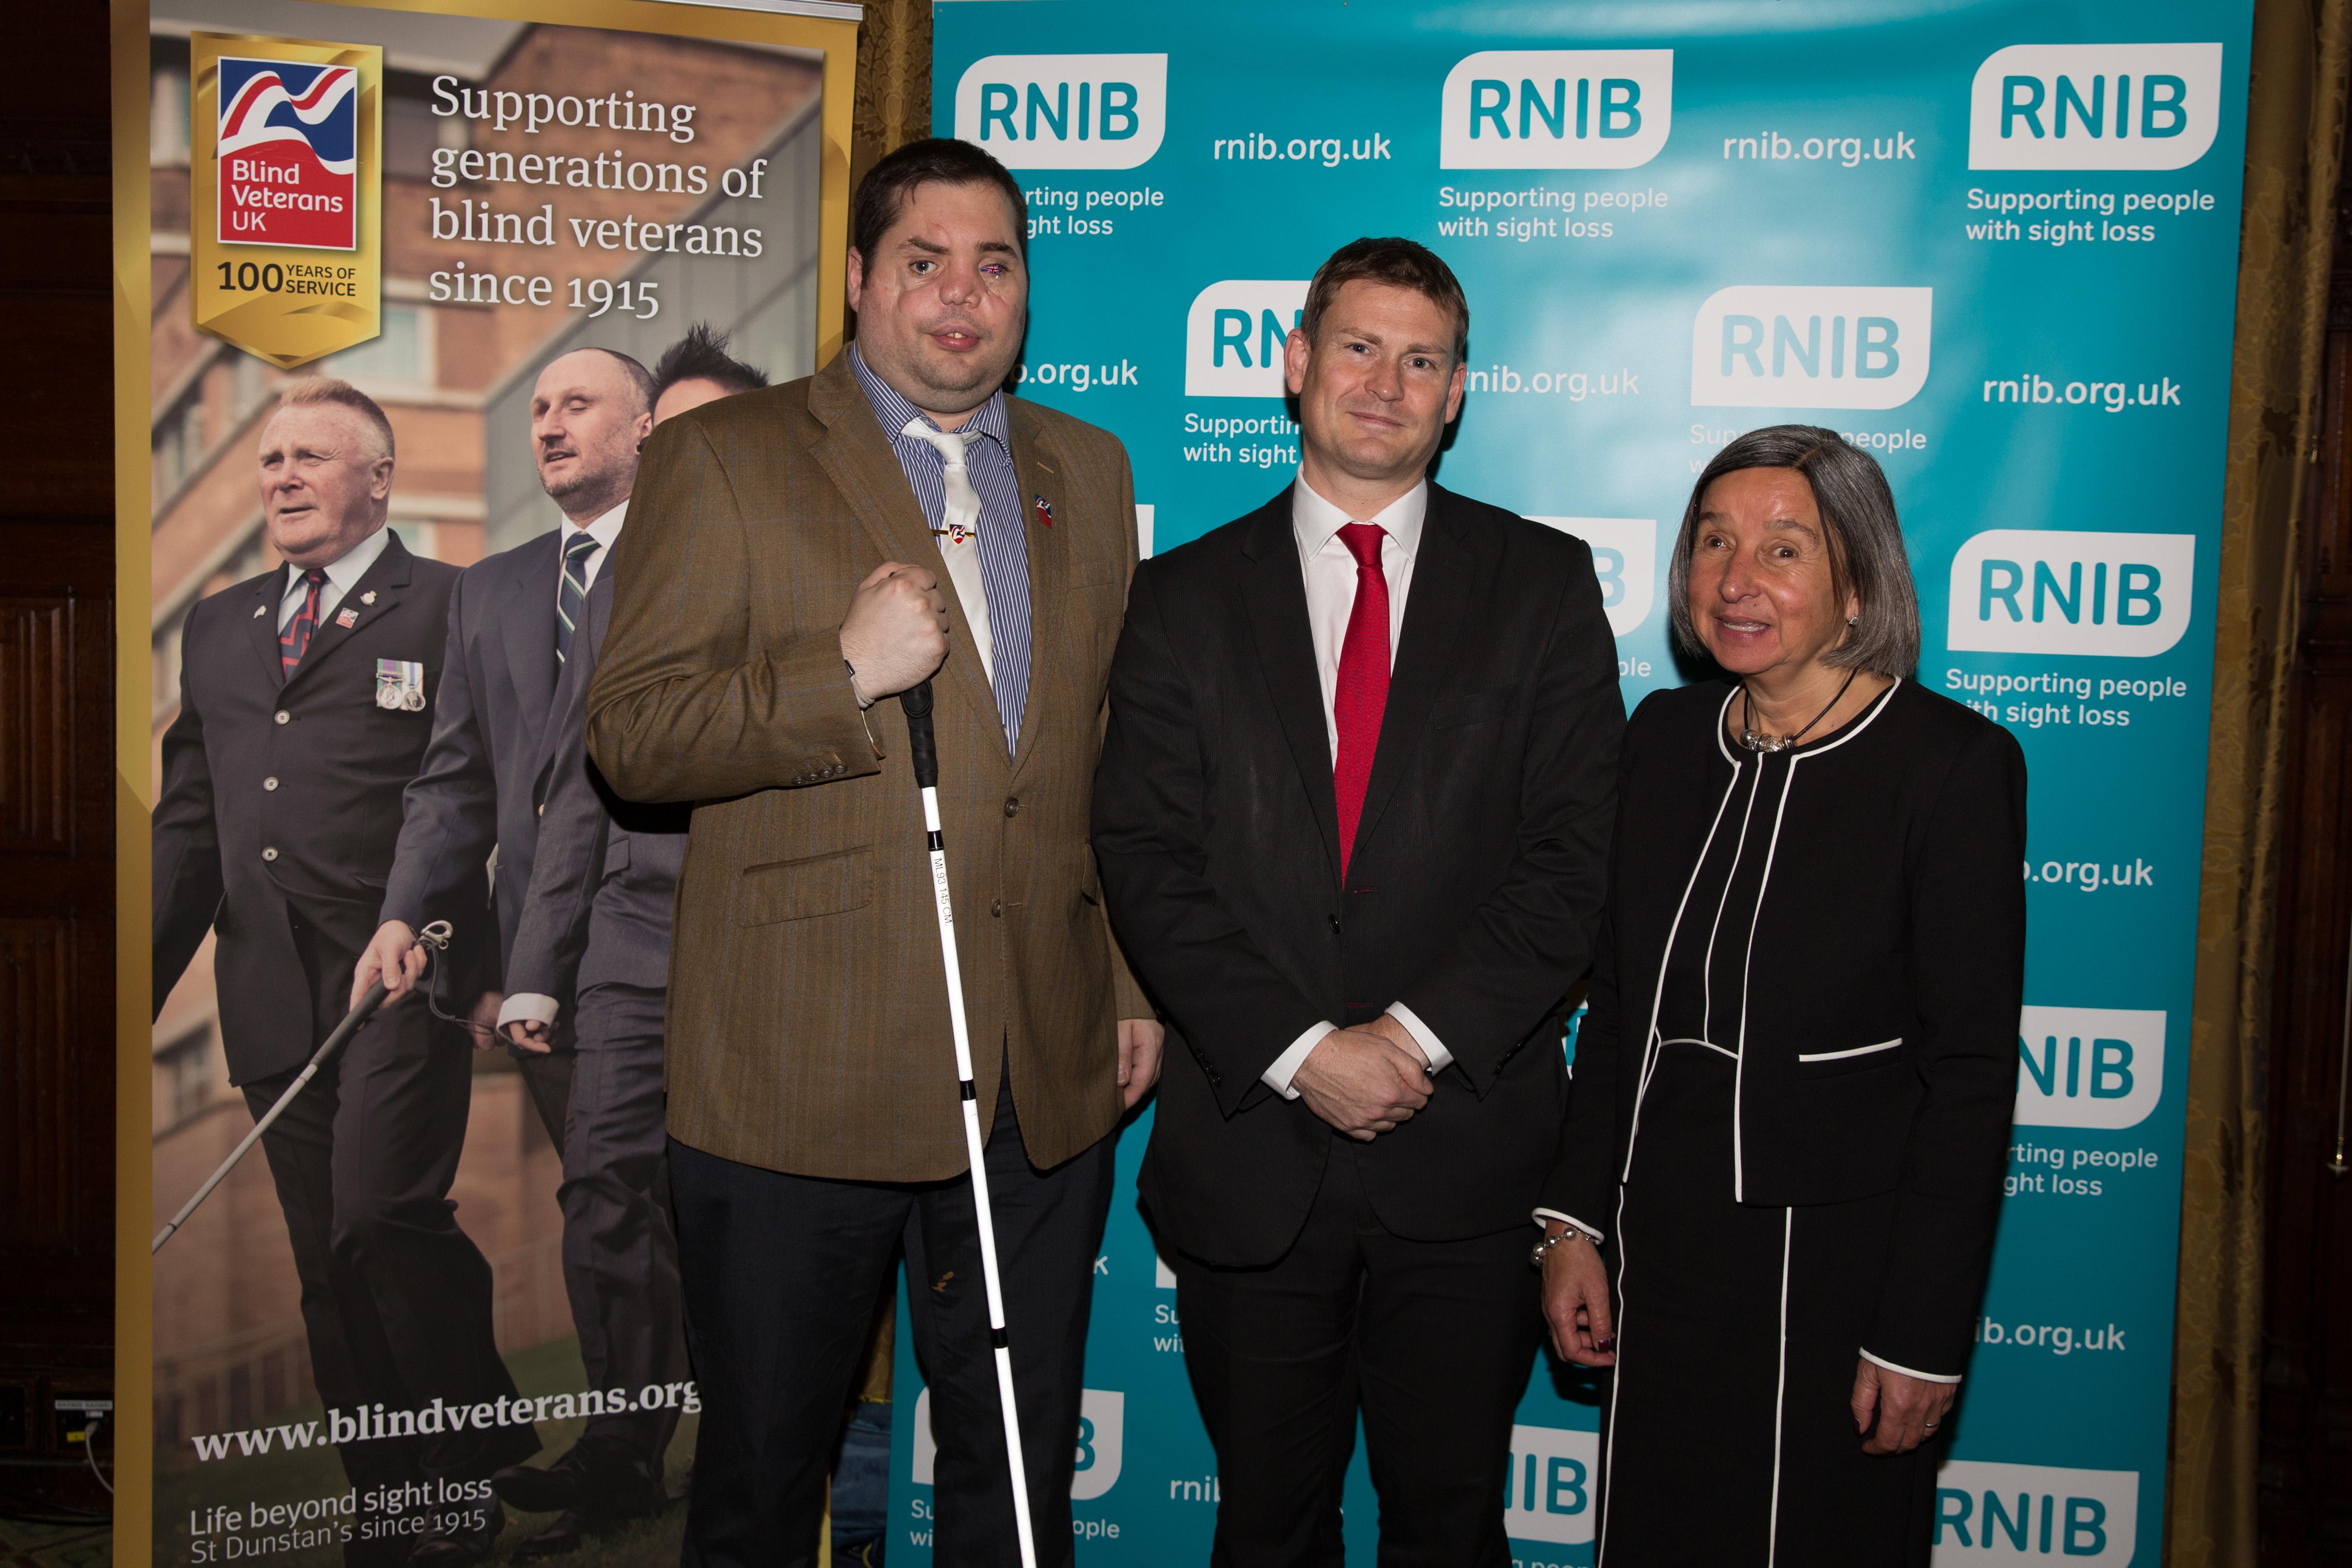 Justin_Madders_MP__Fazilet_Hadi_(RNIB)__Simon_Brown_(Blind_Veterans_UK).jpg